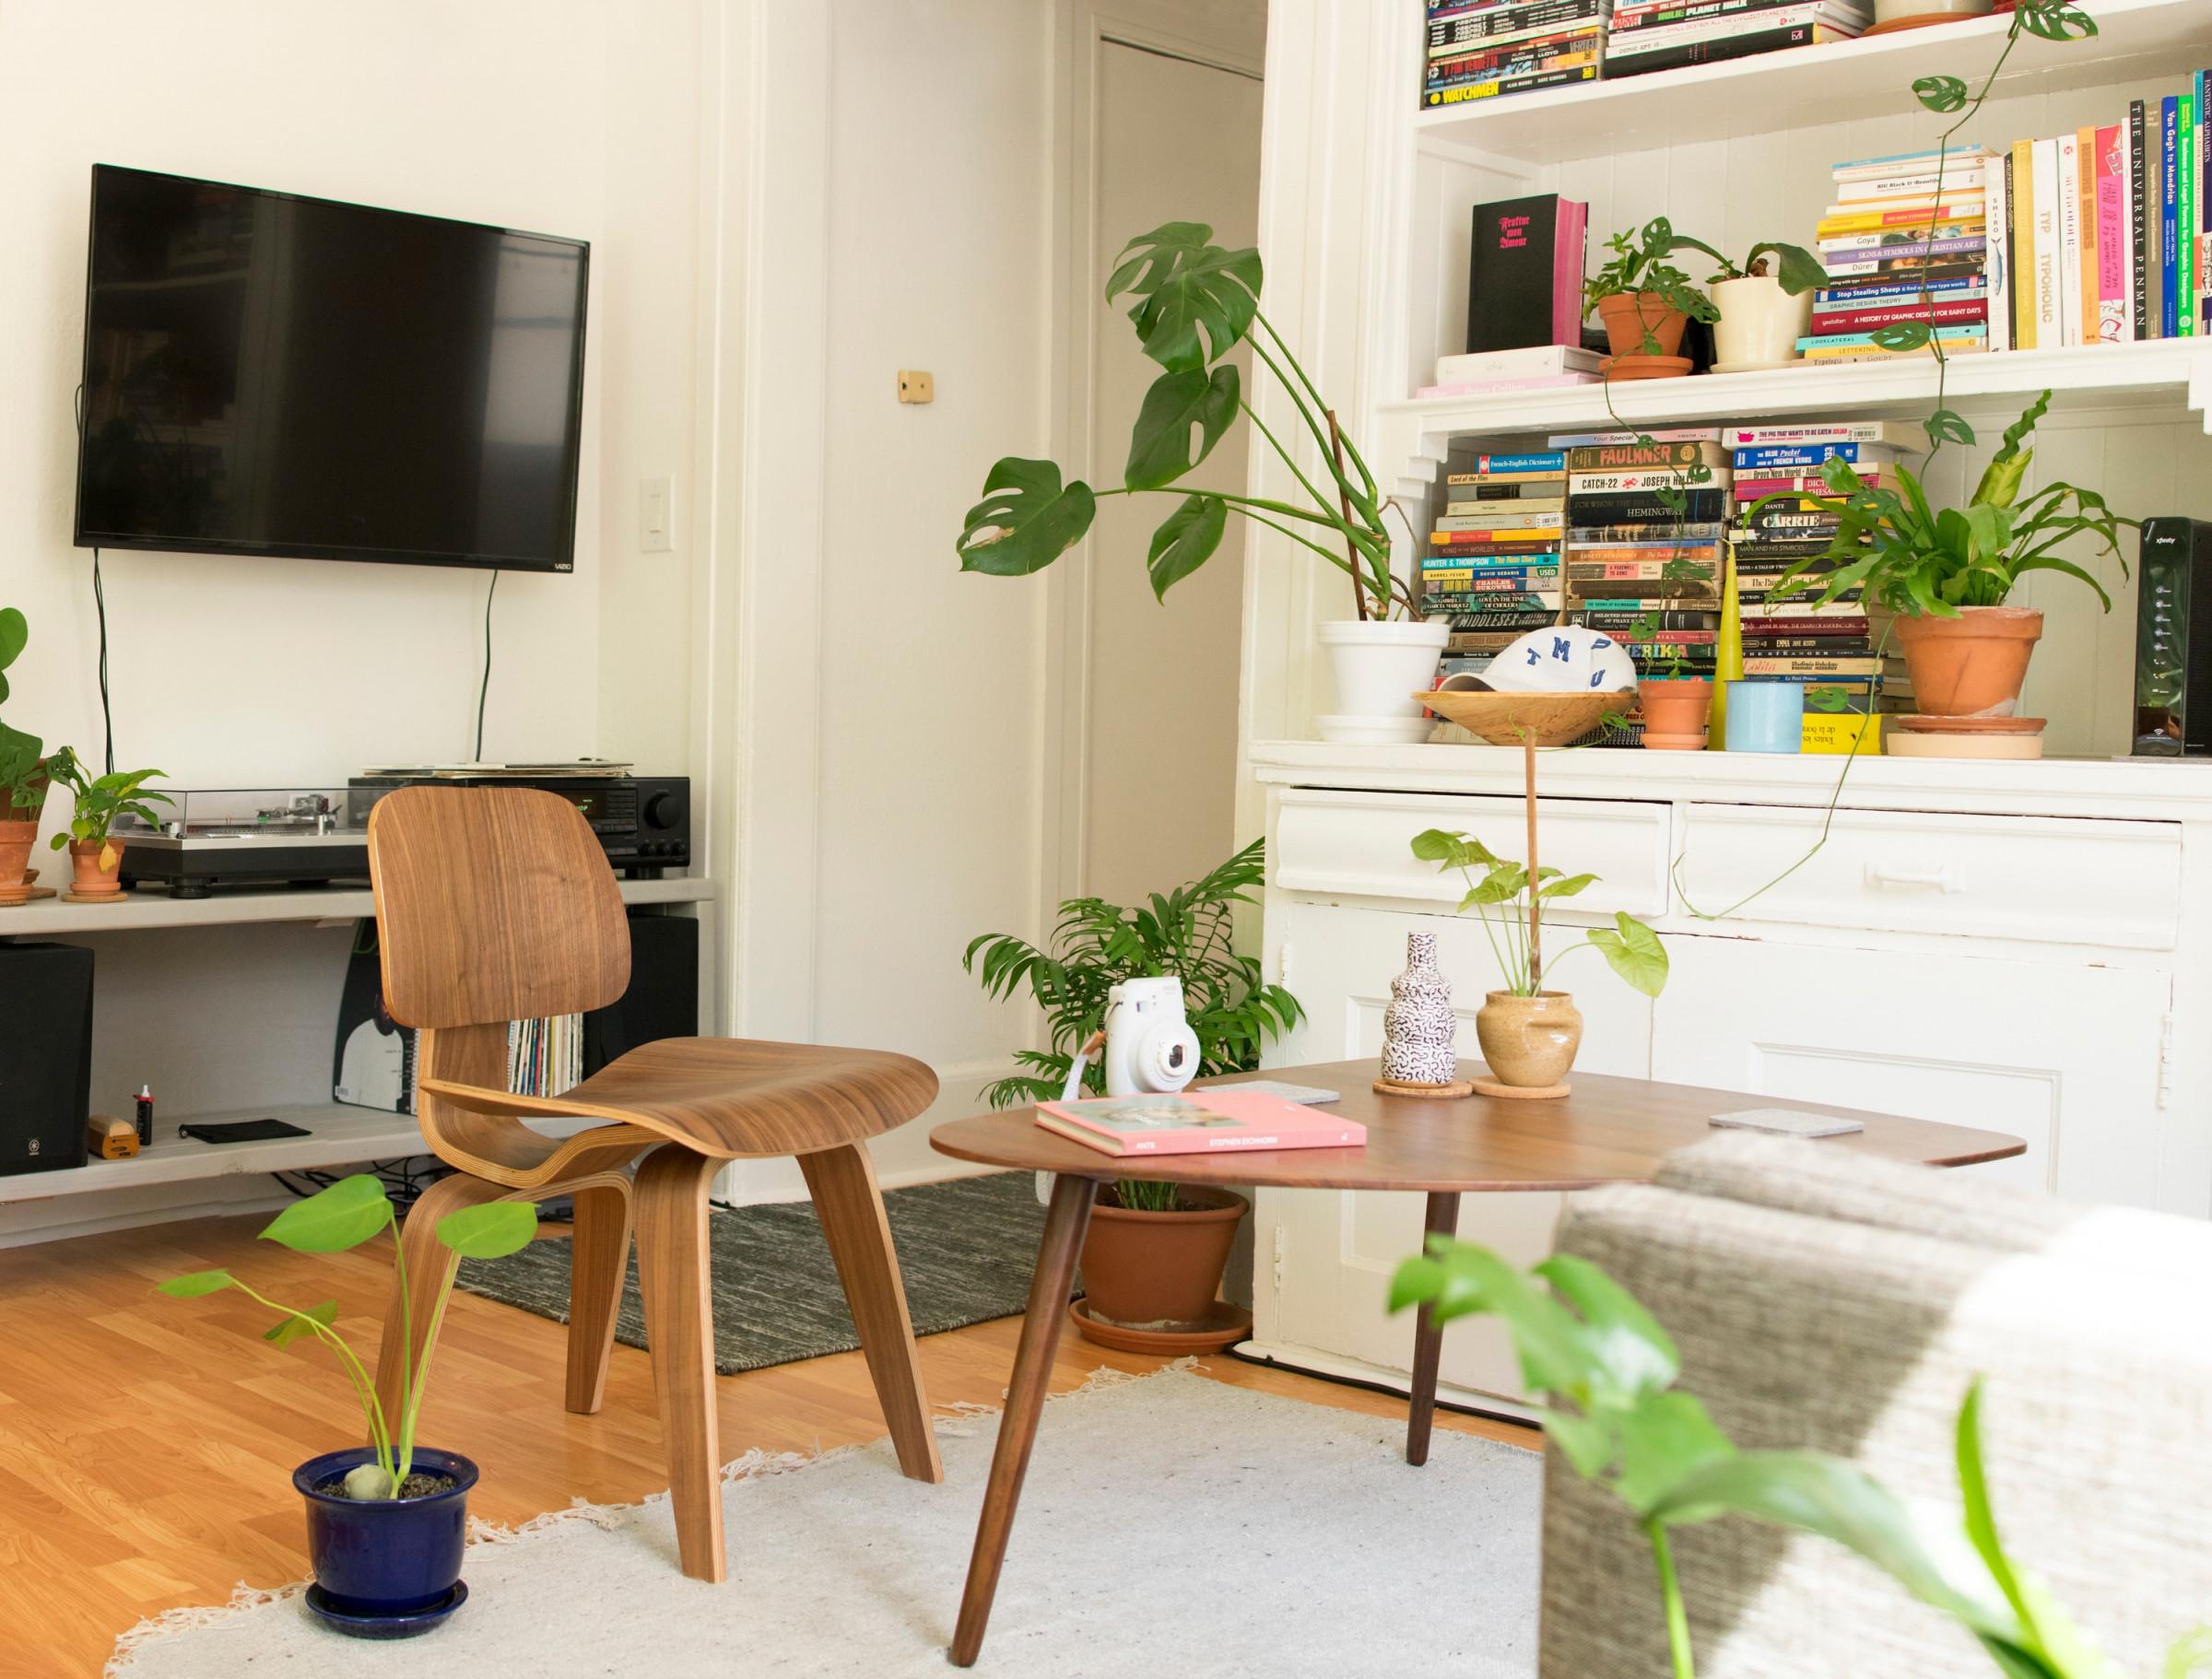 Kleines Wohnzimmer Gestalten – Clevere Tipps Mit Flair von Kleines Wohnzimmer Gemütlich Gestalten Bild